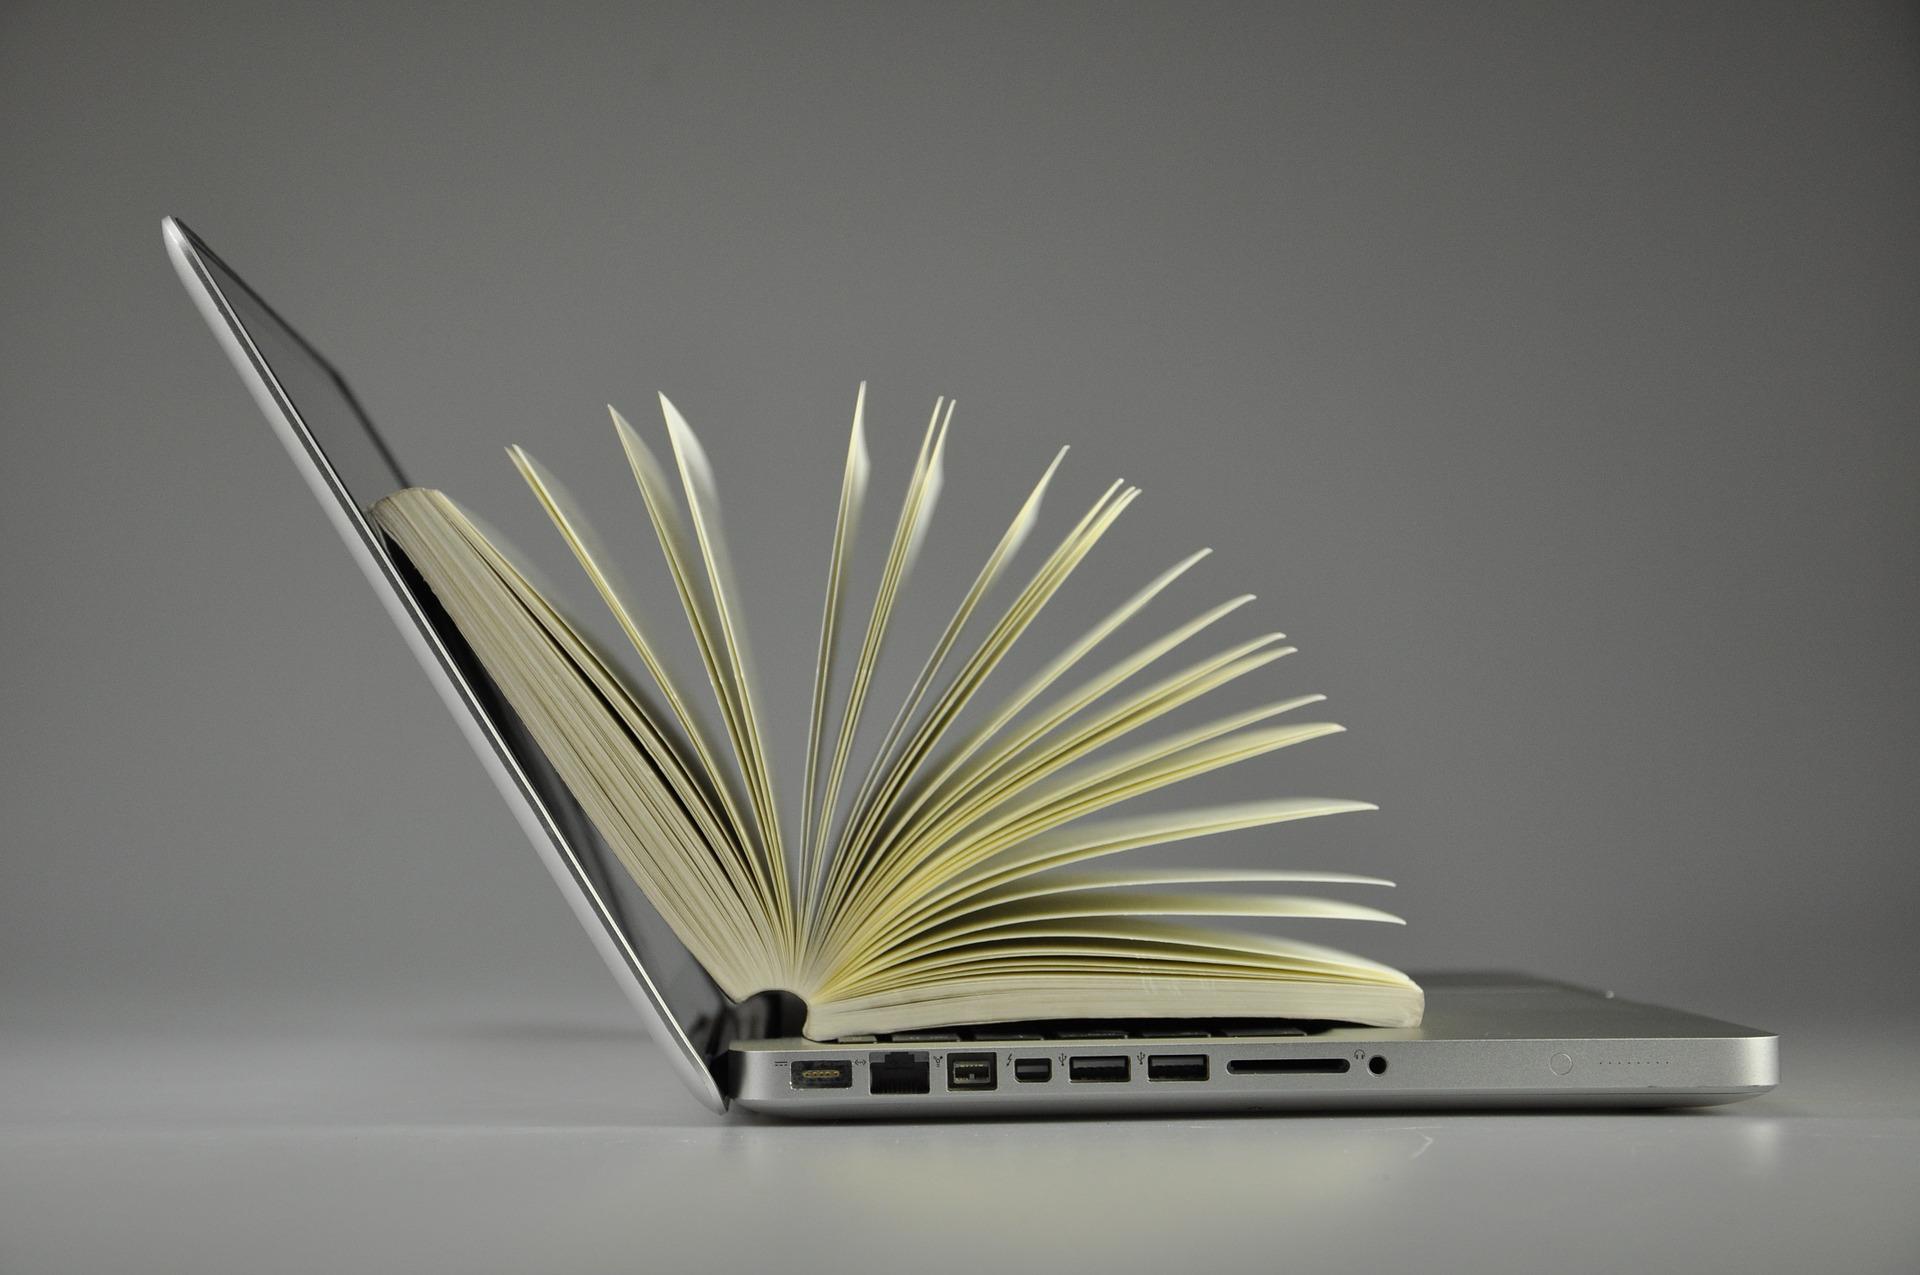 Лайфхак – пишем и бесплатно хостим в облаке вебсайт с гостевой книгой